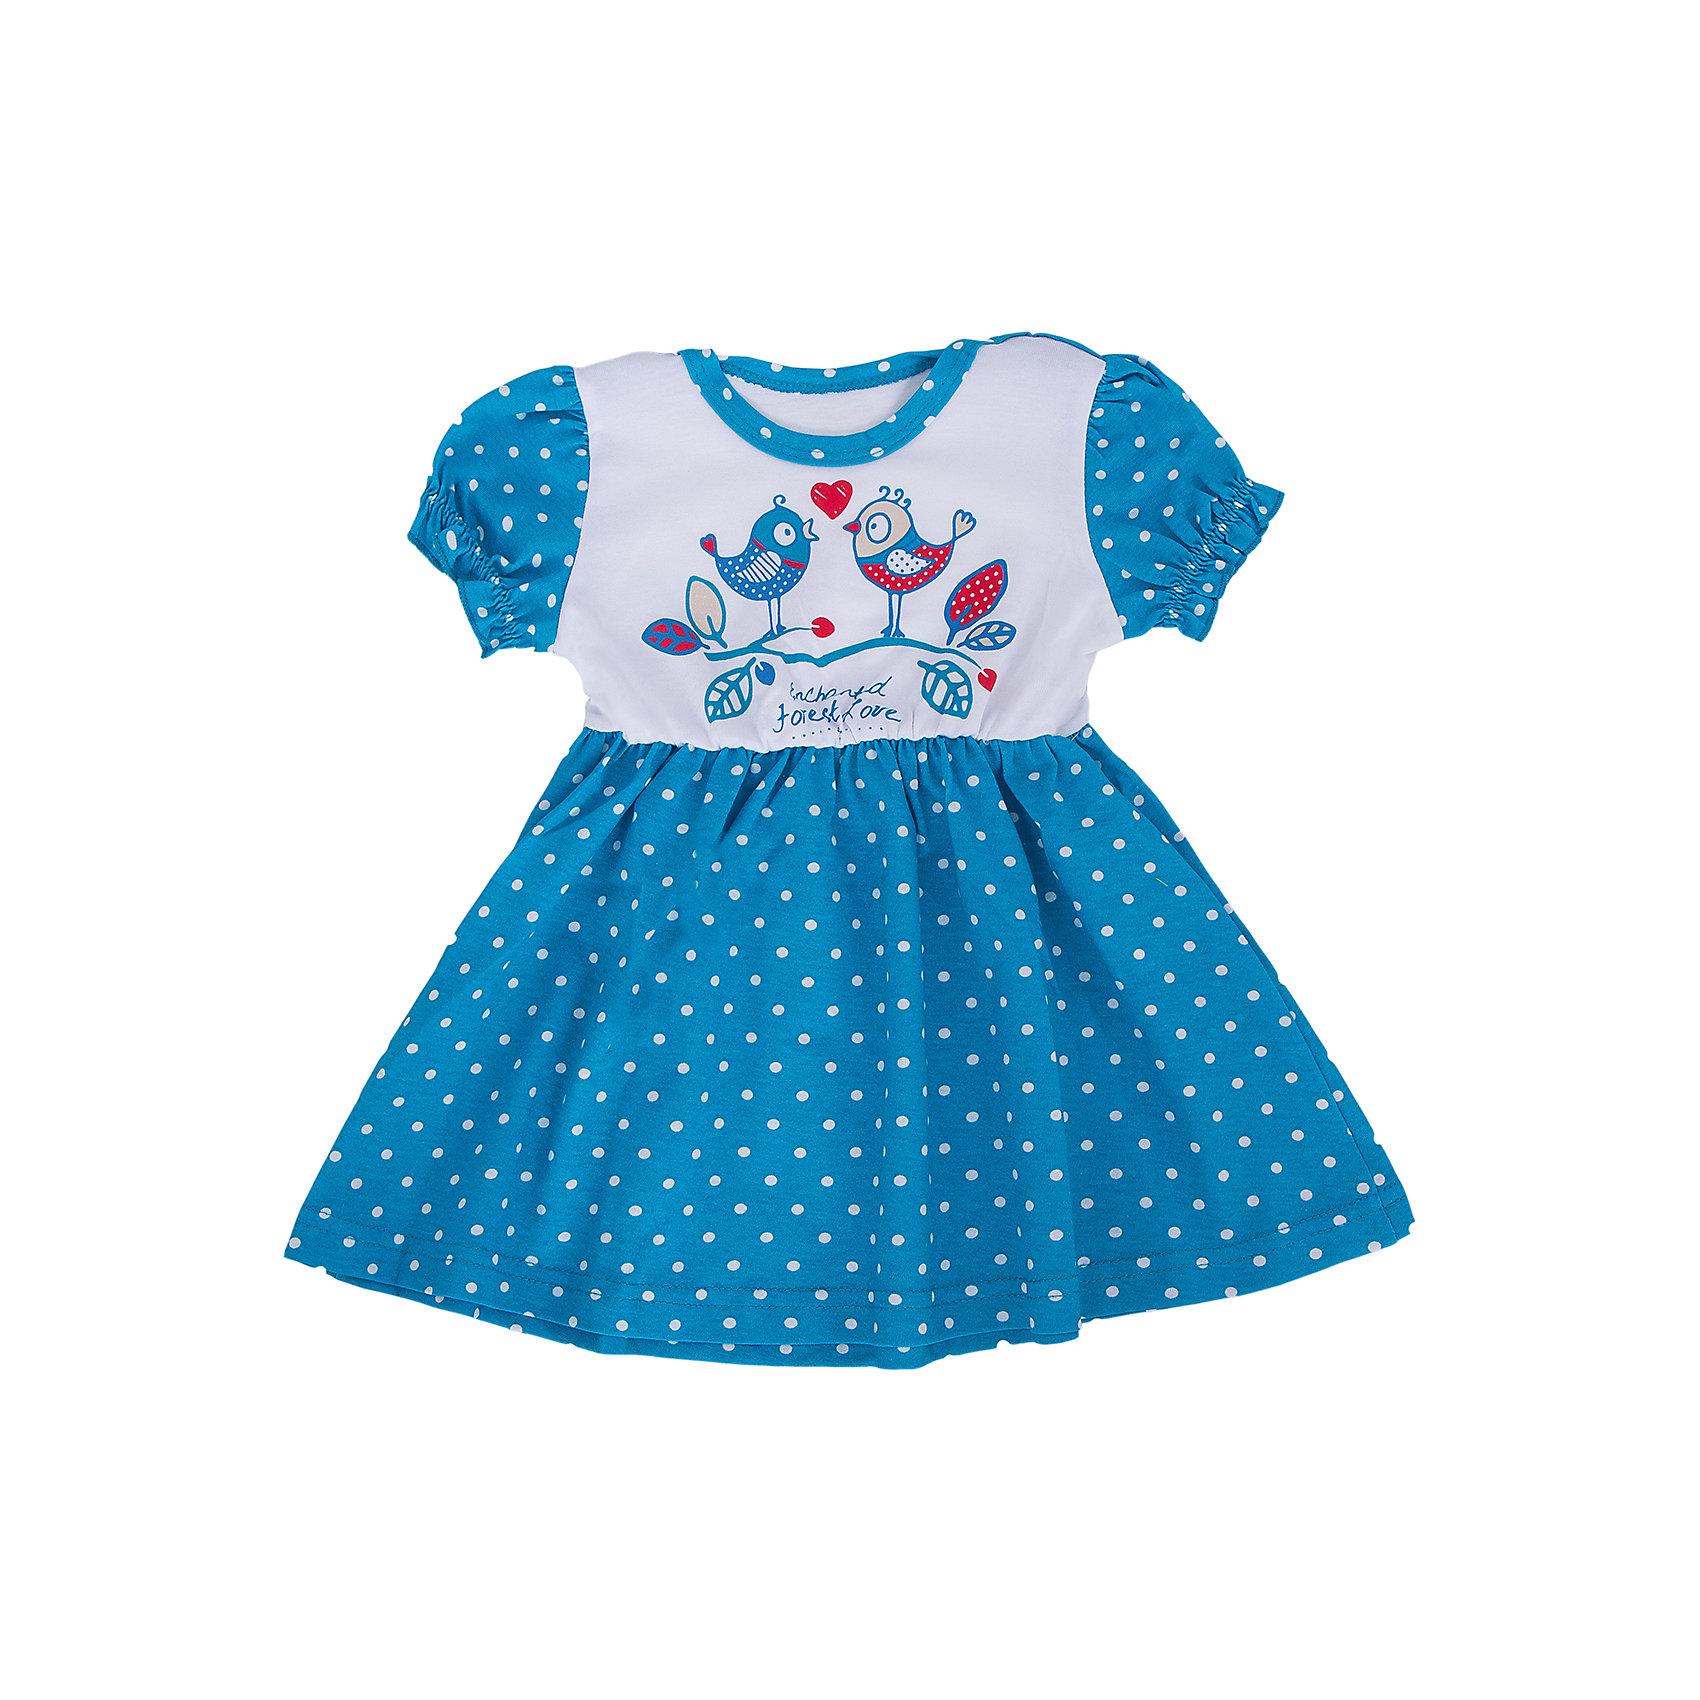 Платье АпрельОчаровательное летнее платье от торговой марки Апрель для Вашей малышки из легкого хлопка. Приятное на ощупь, не сковывает движения, обеспечивая наибольший комфорт. Изделие с рукавами-фонариками, декорировано дизайнерской печатью в виде птичек. Отличный вариант для маленькой модницы как на праздник, так и на каждый день! Рекомендуется деликатная машинная стирка без предварительного замачивания.<br><br>Дополнительная информация: <br><br>- длина рукава: короткие<br>- вид застежки: кнопки<br>- вид бретелек: без бретелек<br>- длина изделия: по спинке: 42 см<br>- фактура материала: трикотажный<br>- длина юбки: мини<br>- тип карманов: без карманов<br>- сезон: лето<br>- пол: девочки<br>- фирма-производитель: Апрель<br>- страна производитель: Россия<br>- комплектация: платье<br><br>Летнее платье от торговой марки Апрель можно купить в нашем интернет-магазине.<br><br>Ширина мм: 236<br>Глубина мм: 16<br>Высота мм: 184<br>Вес г: 177<br>Цвет: разноцветный<br>Возраст от месяцев: 12<br>Возраст до месяцев: 15<br>Пол: Женский<br>Возраст: Детский<br>Размер: 80,98,86,92<br>SKU: 4630600